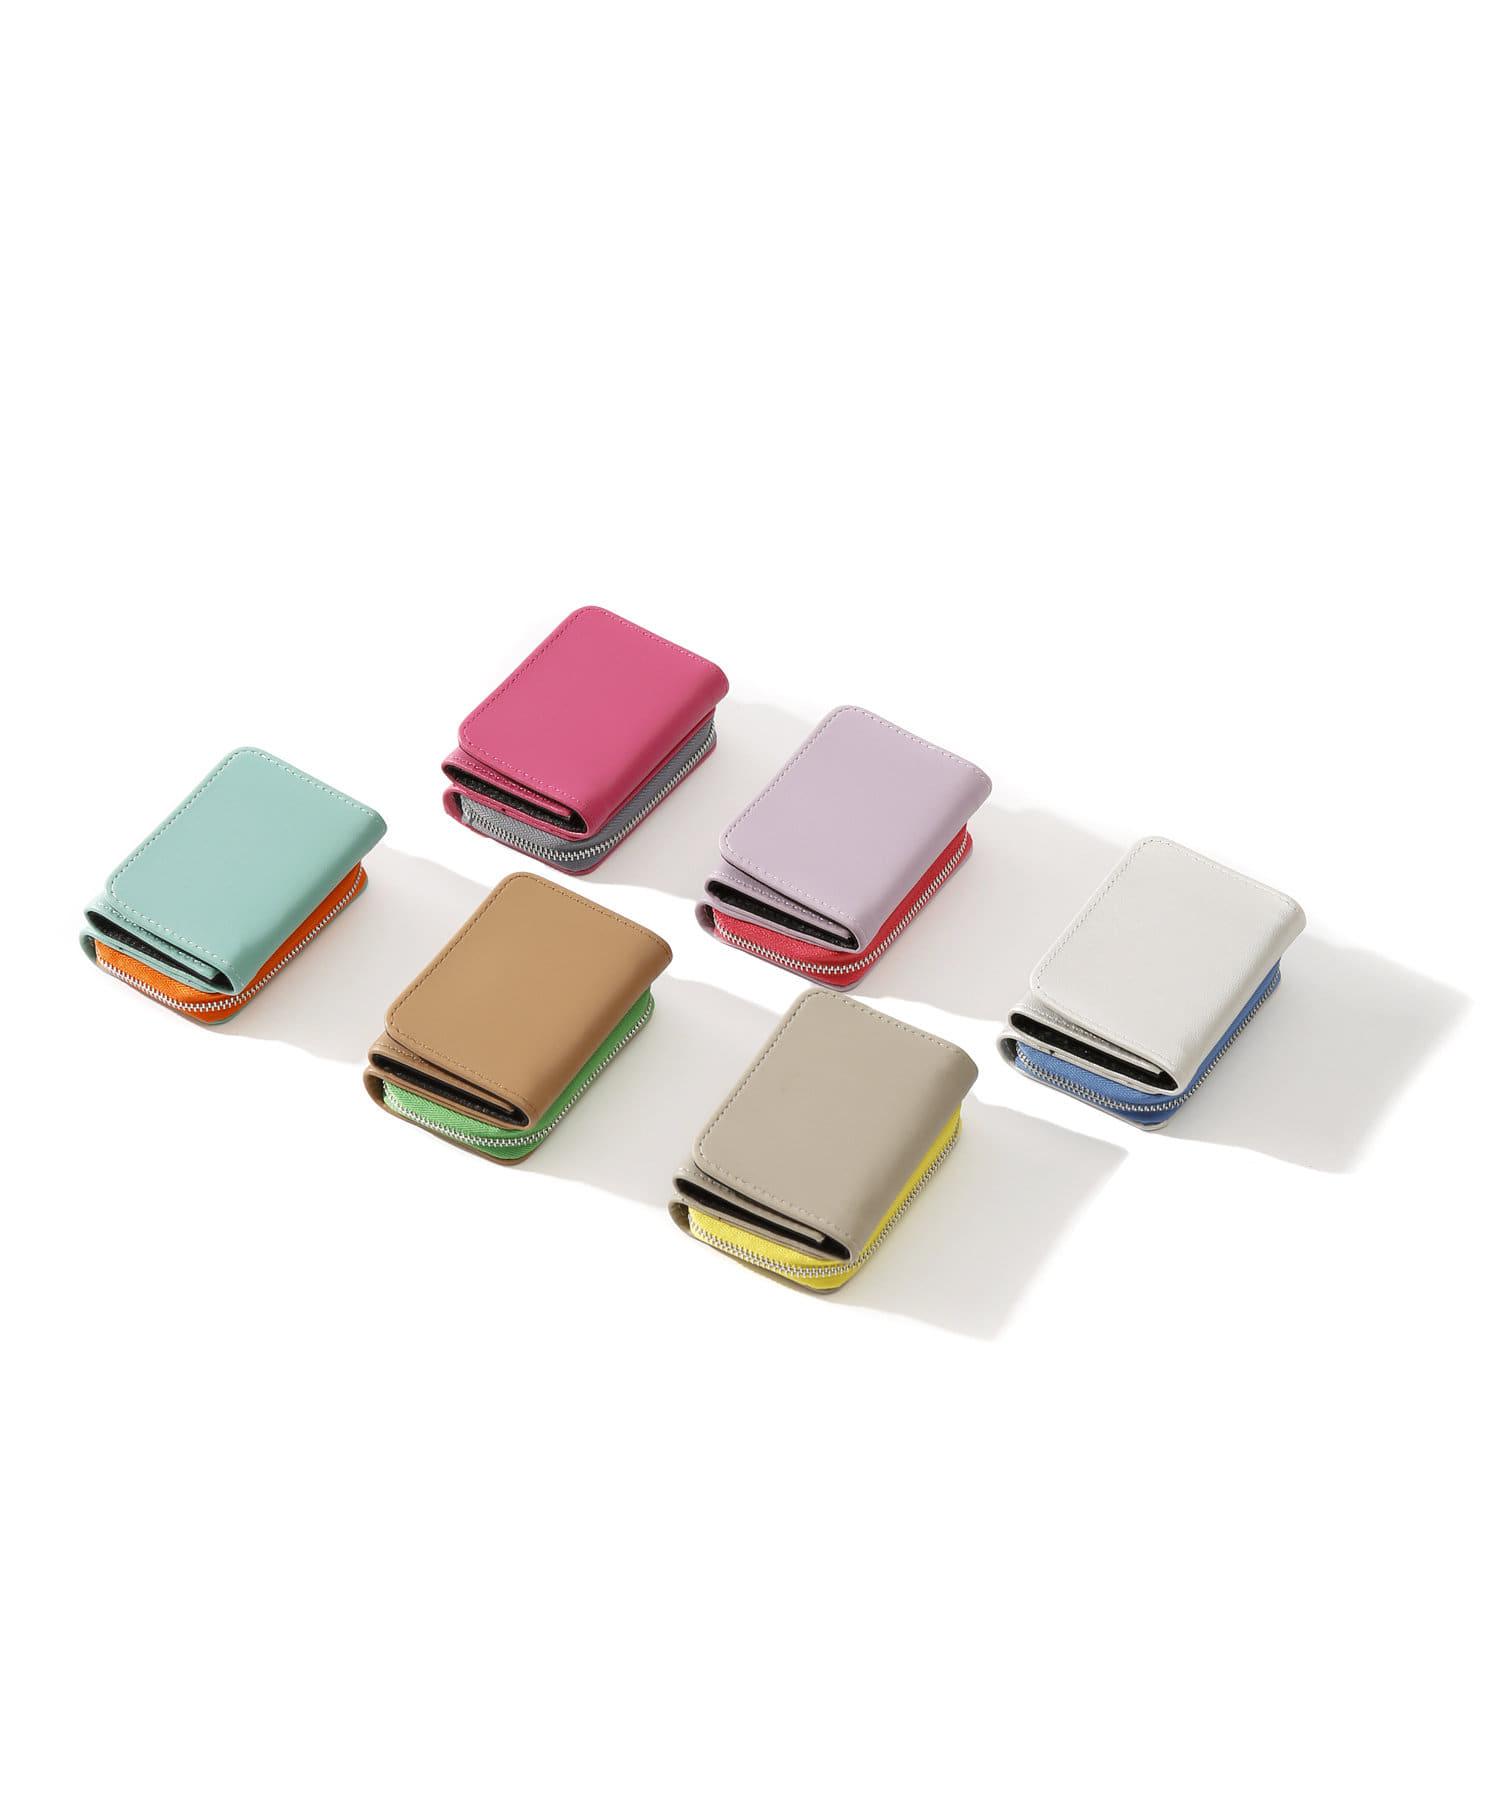 ASOKO(アソコ) めっちゃ小さいお財布<カード入れが増えてリニューアル!>